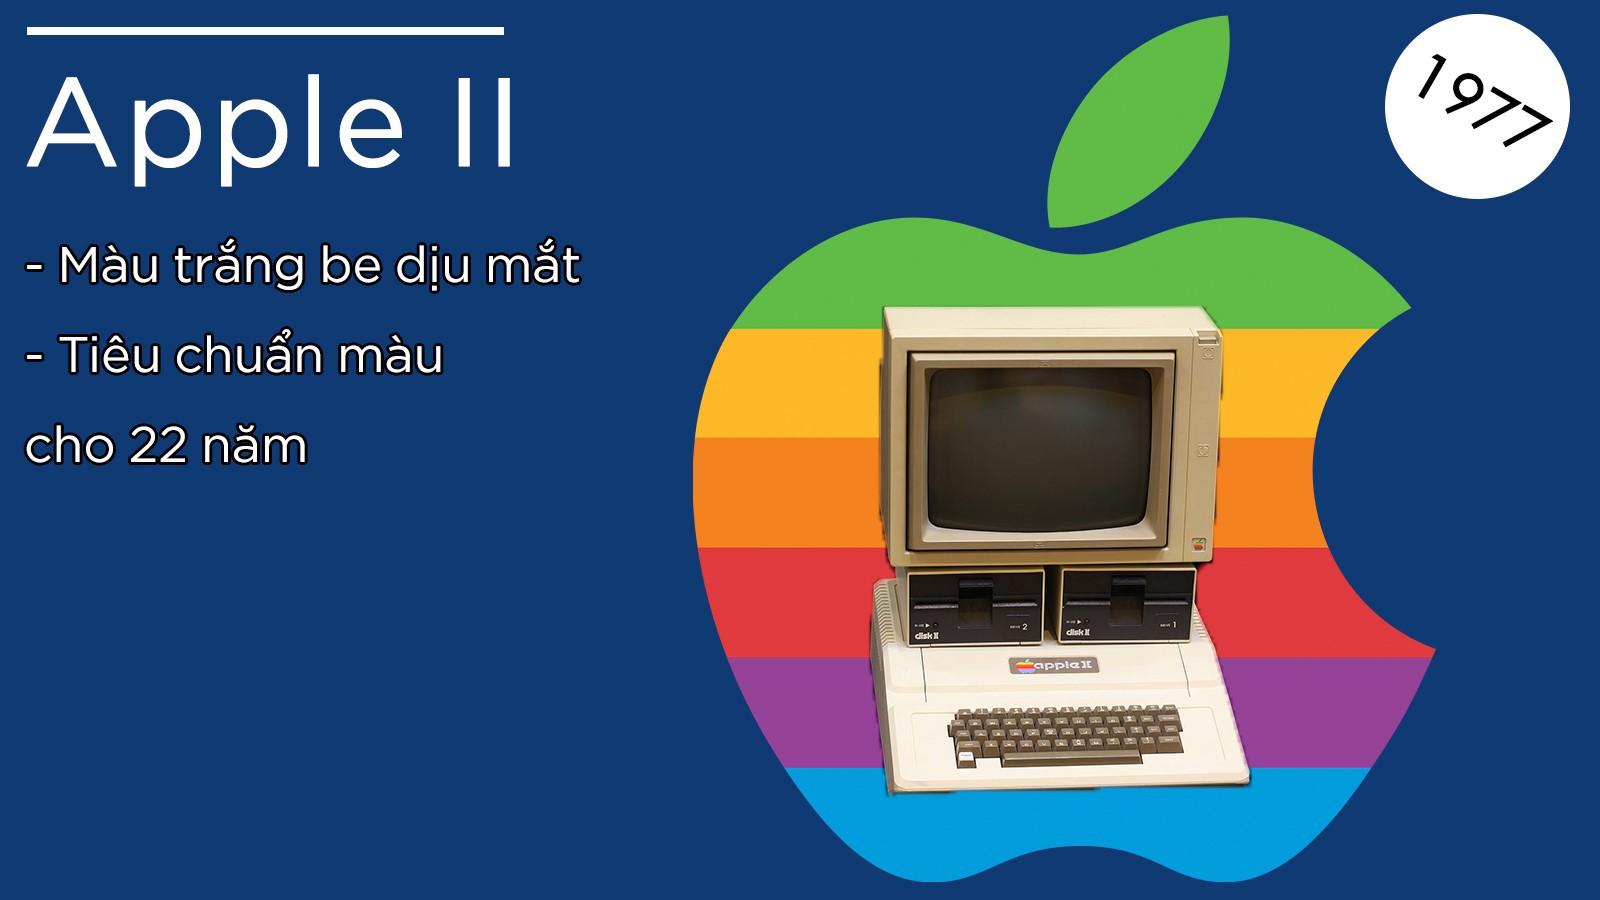 Từ Apple I đến iPhone X: Lịch sử màu sắc 3 chìm 7 nổi của Apple - Ảnh 2.